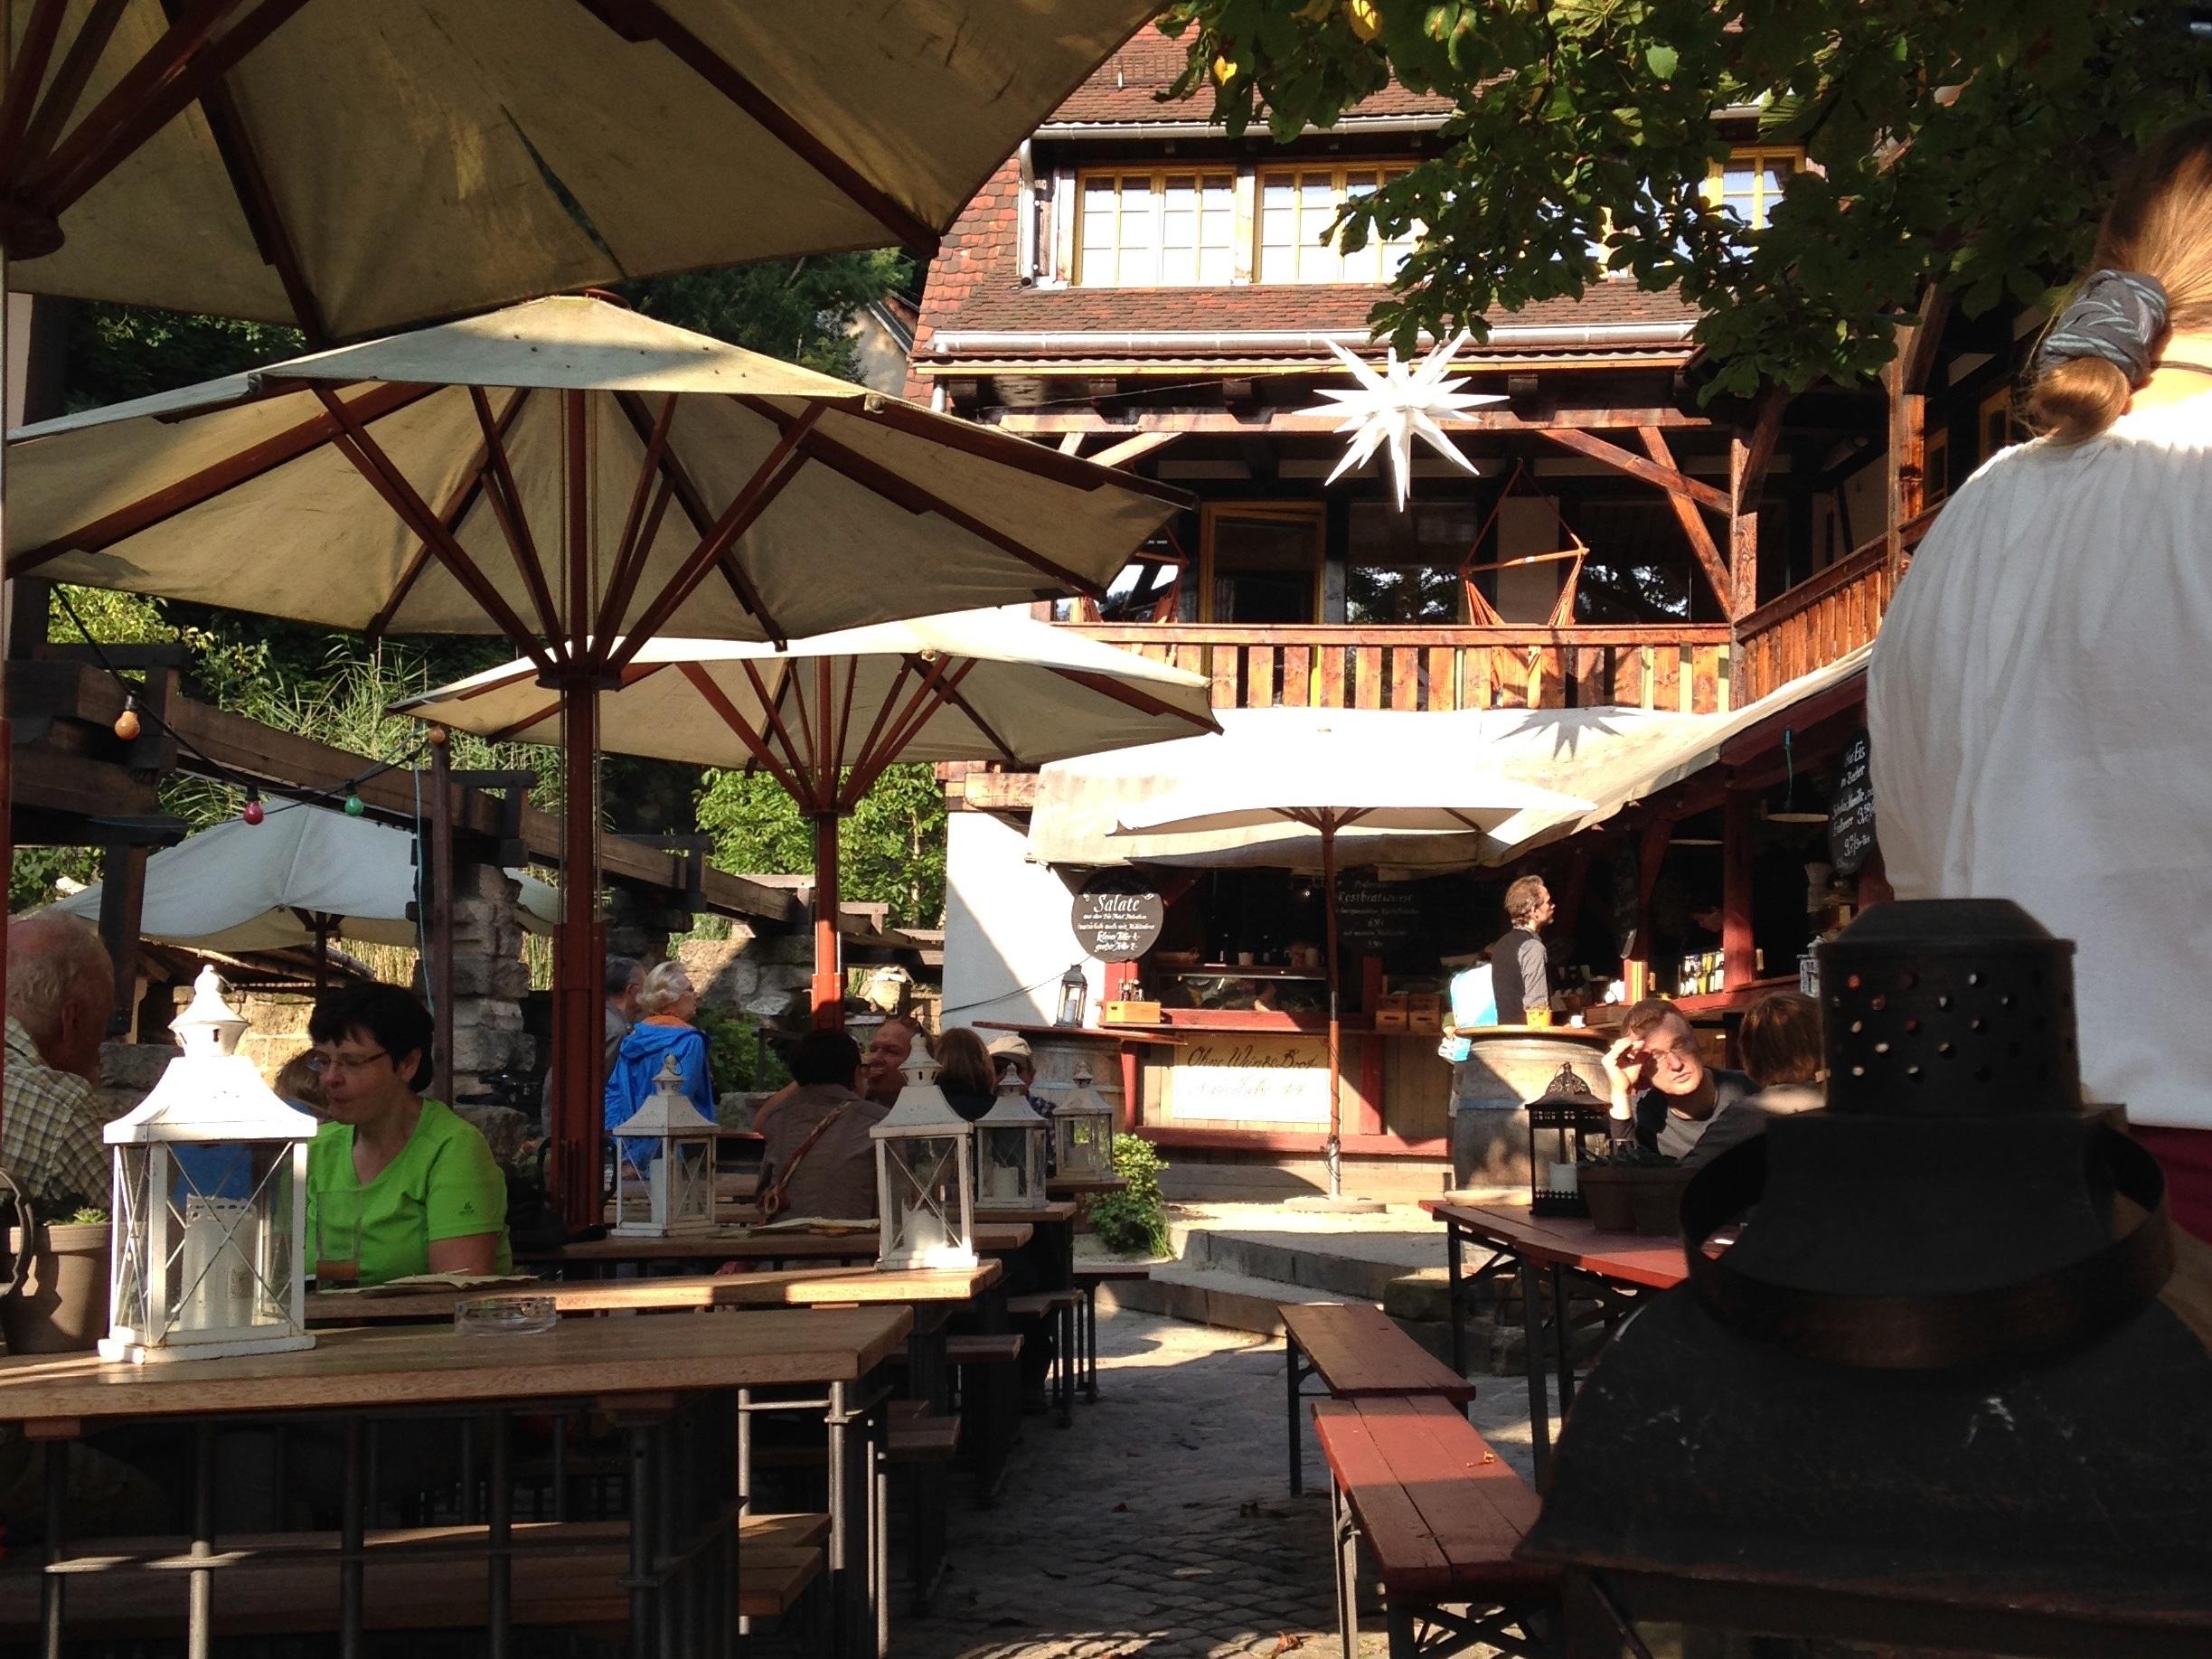 Titel: öffentlicher Platz in Schmilka – saunieren, frönen, leben. ©R. Kiel